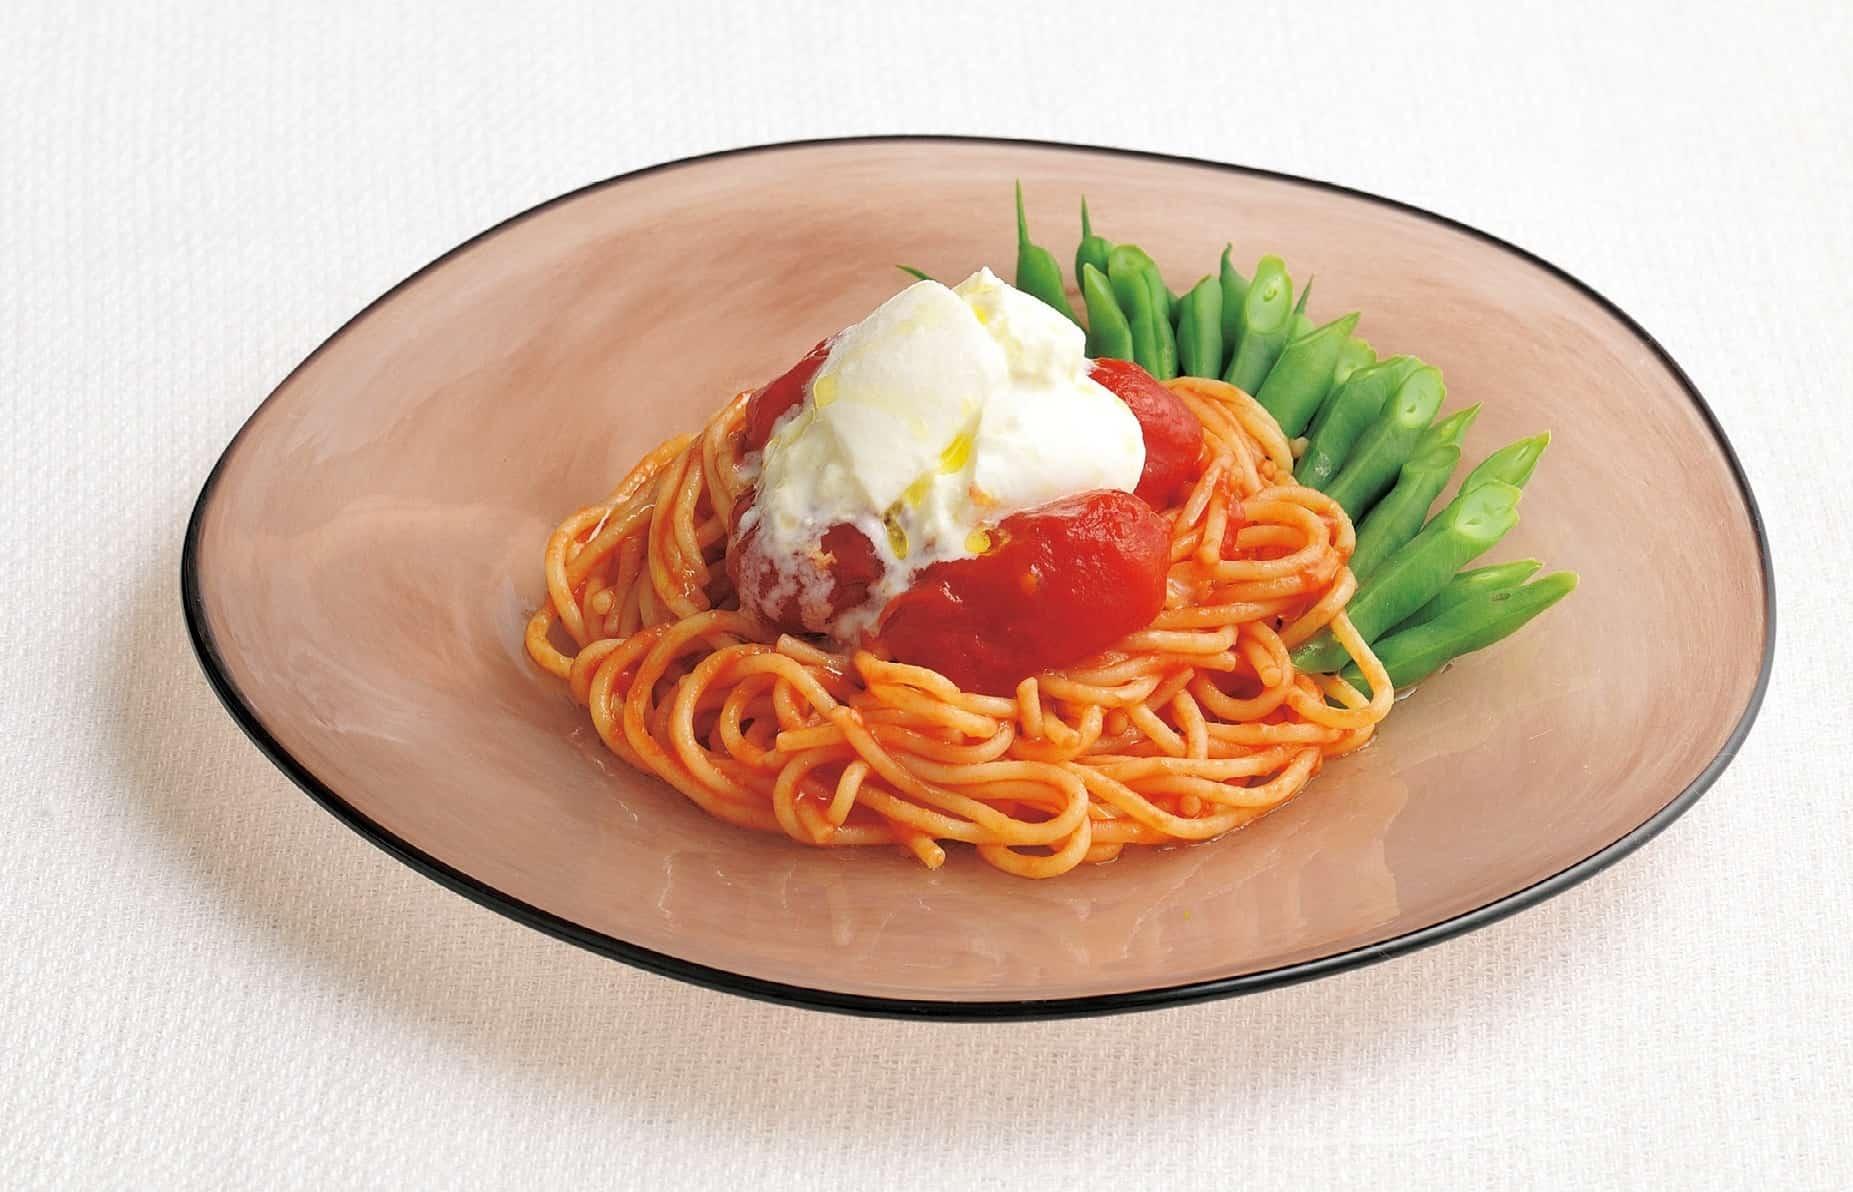 トマト レシピ カルディ 缶